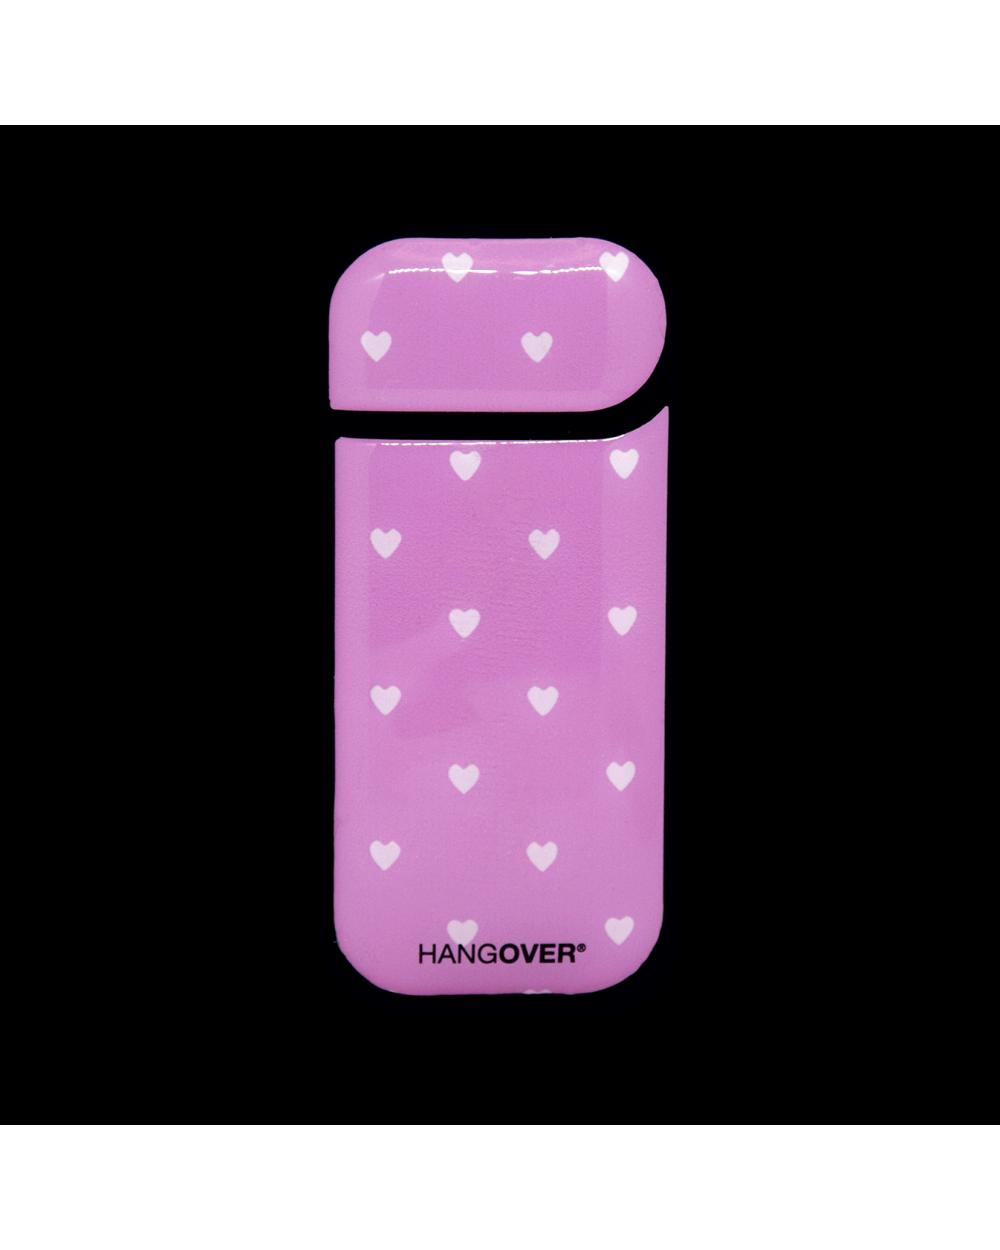 White Hearts - Cover SmartSkin Adesiva in Resina Speciale per Iqos 2.4 e 2.4 plus by Hangover